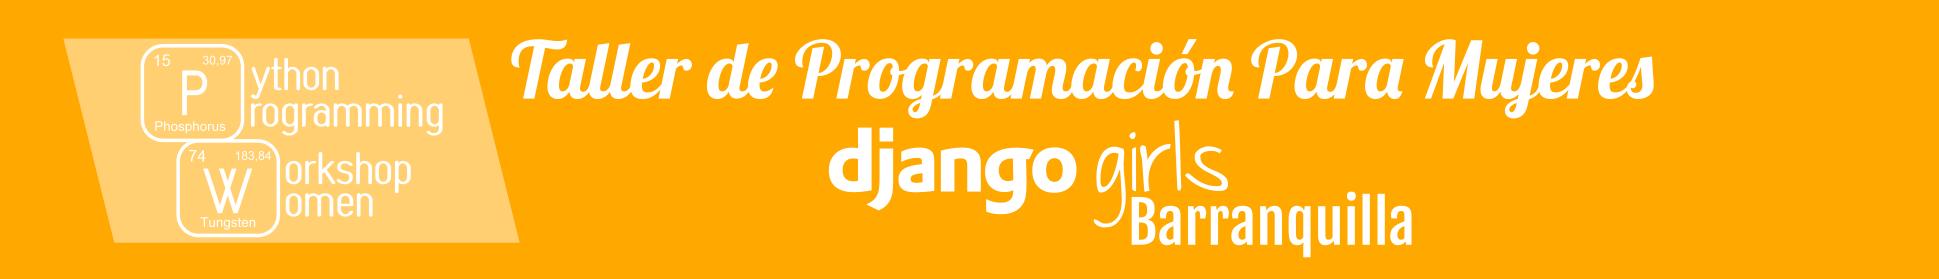 60aa18f53bd1 Taller Django Girls en Barranquilla | Argentina en Python